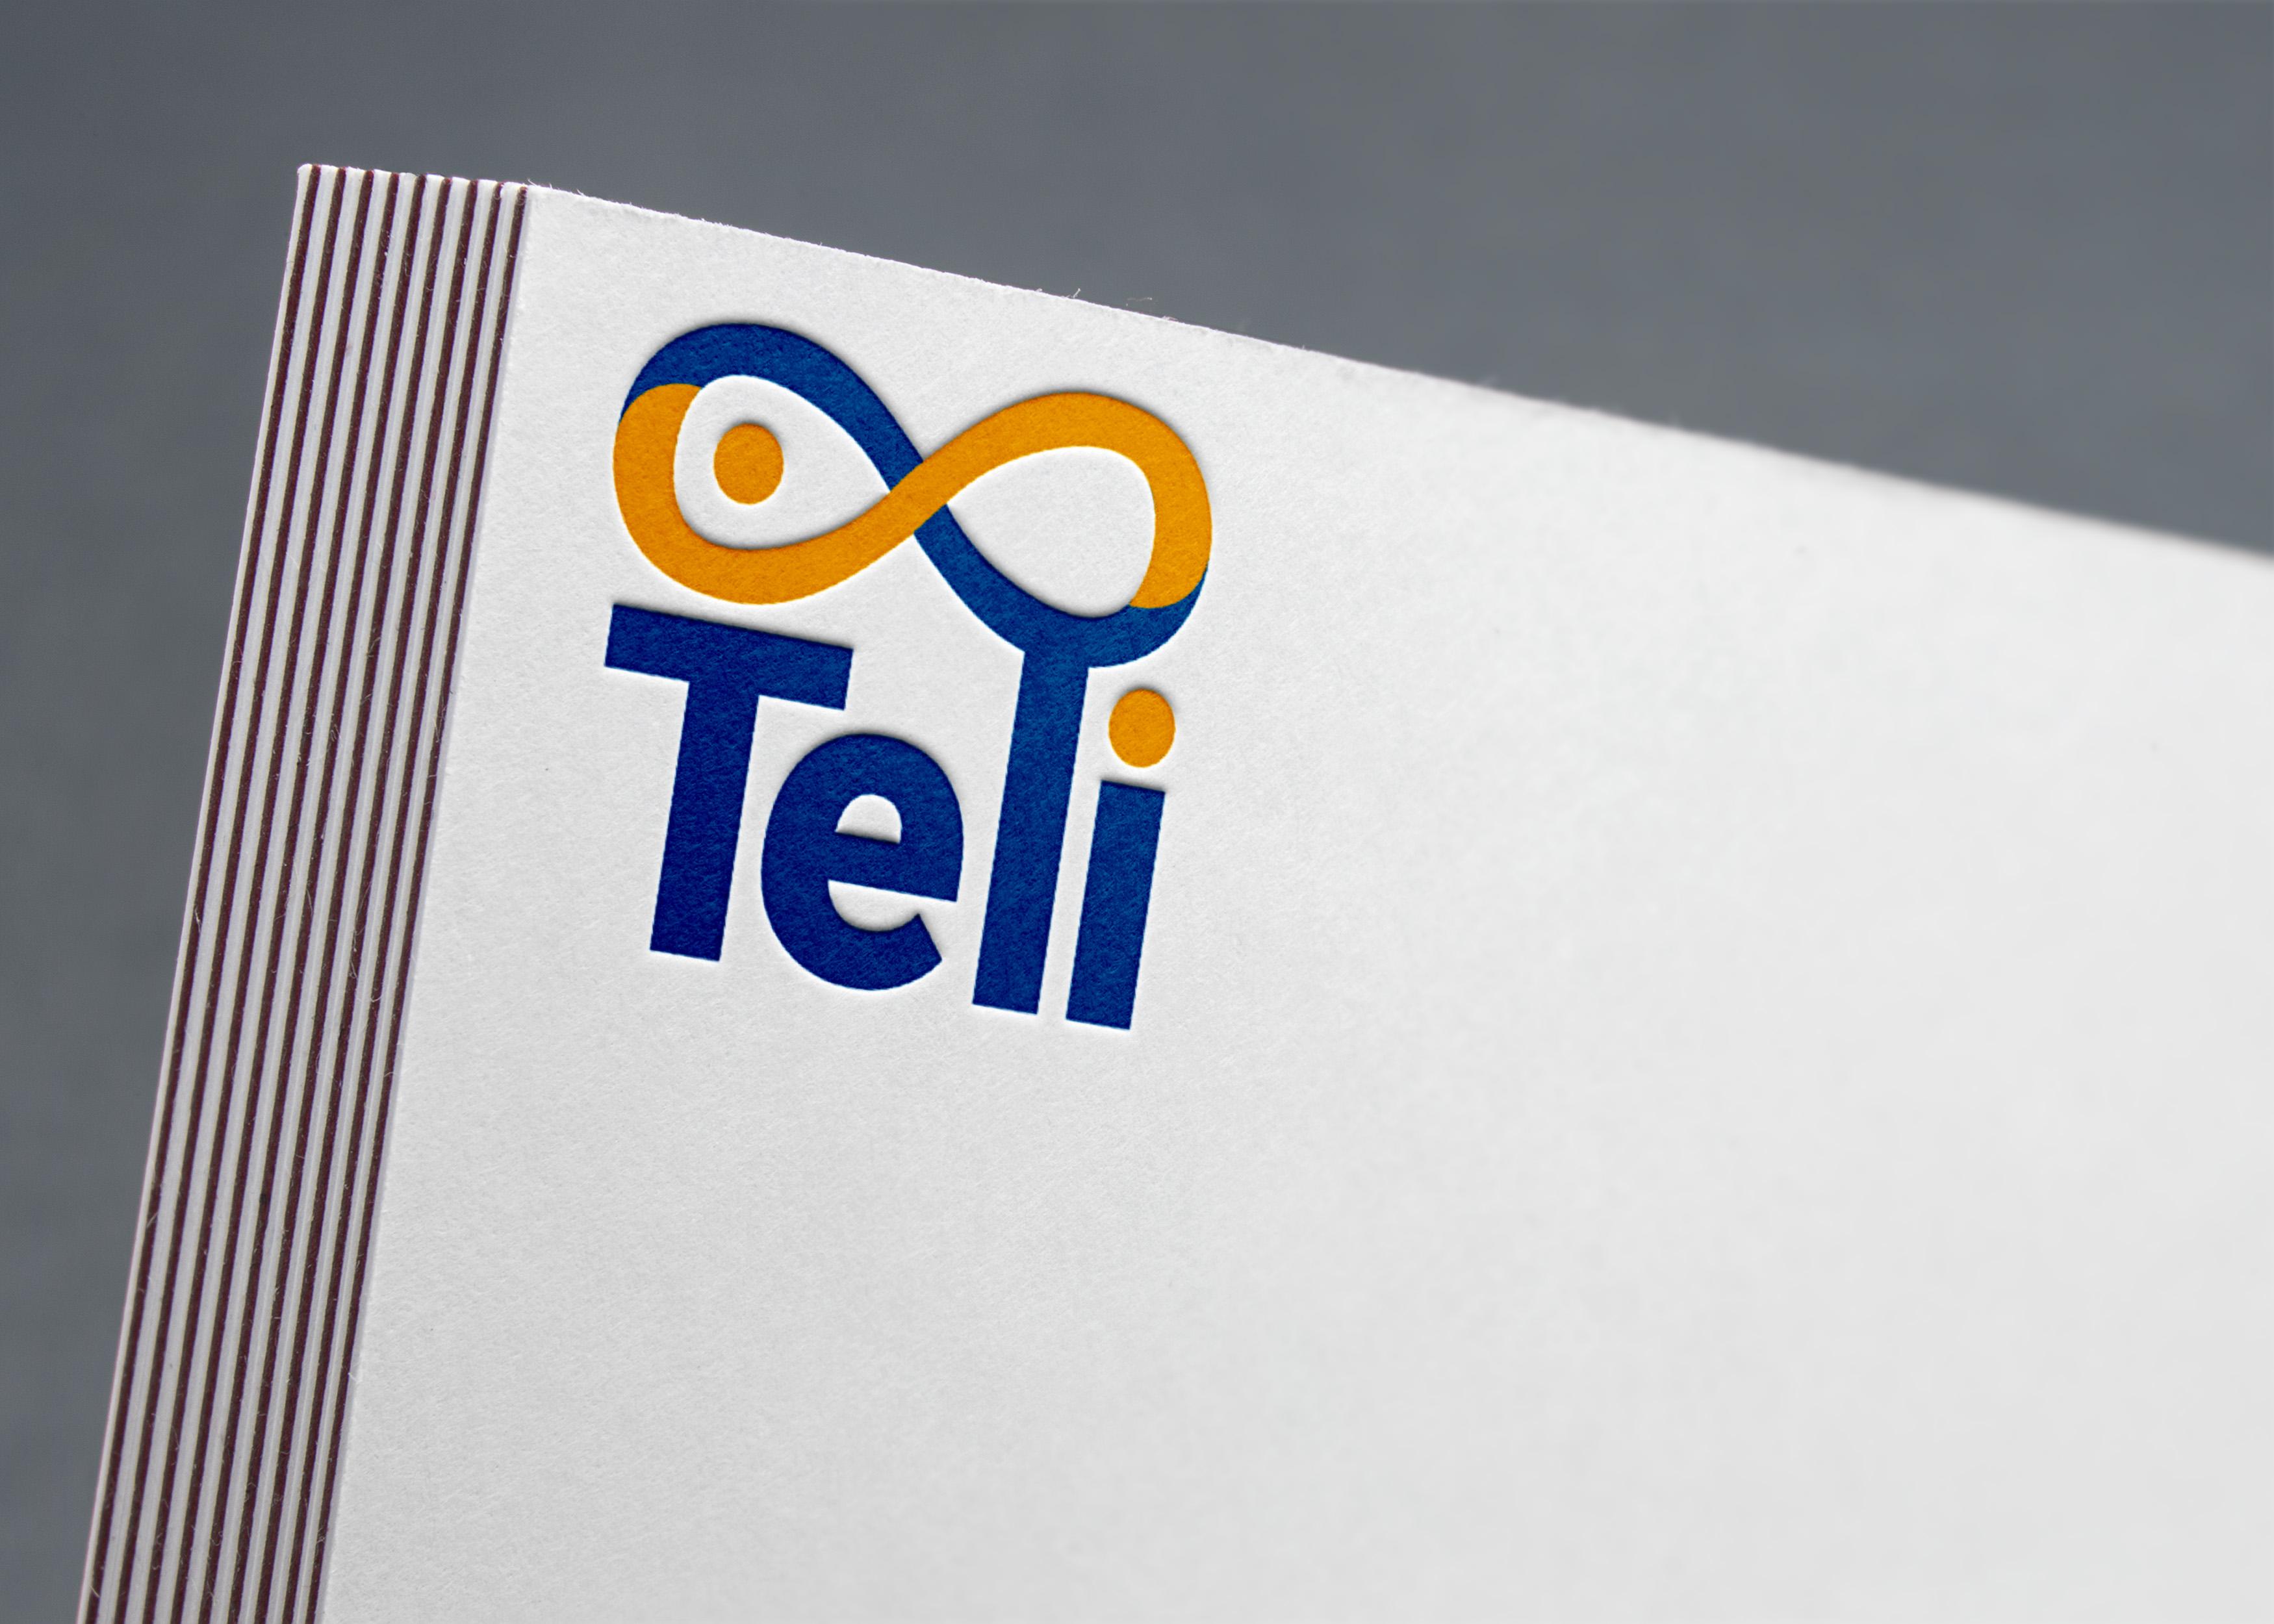 Разработка логотипа и фирменного стиля фото f_13658f9e58848b1f.jpg